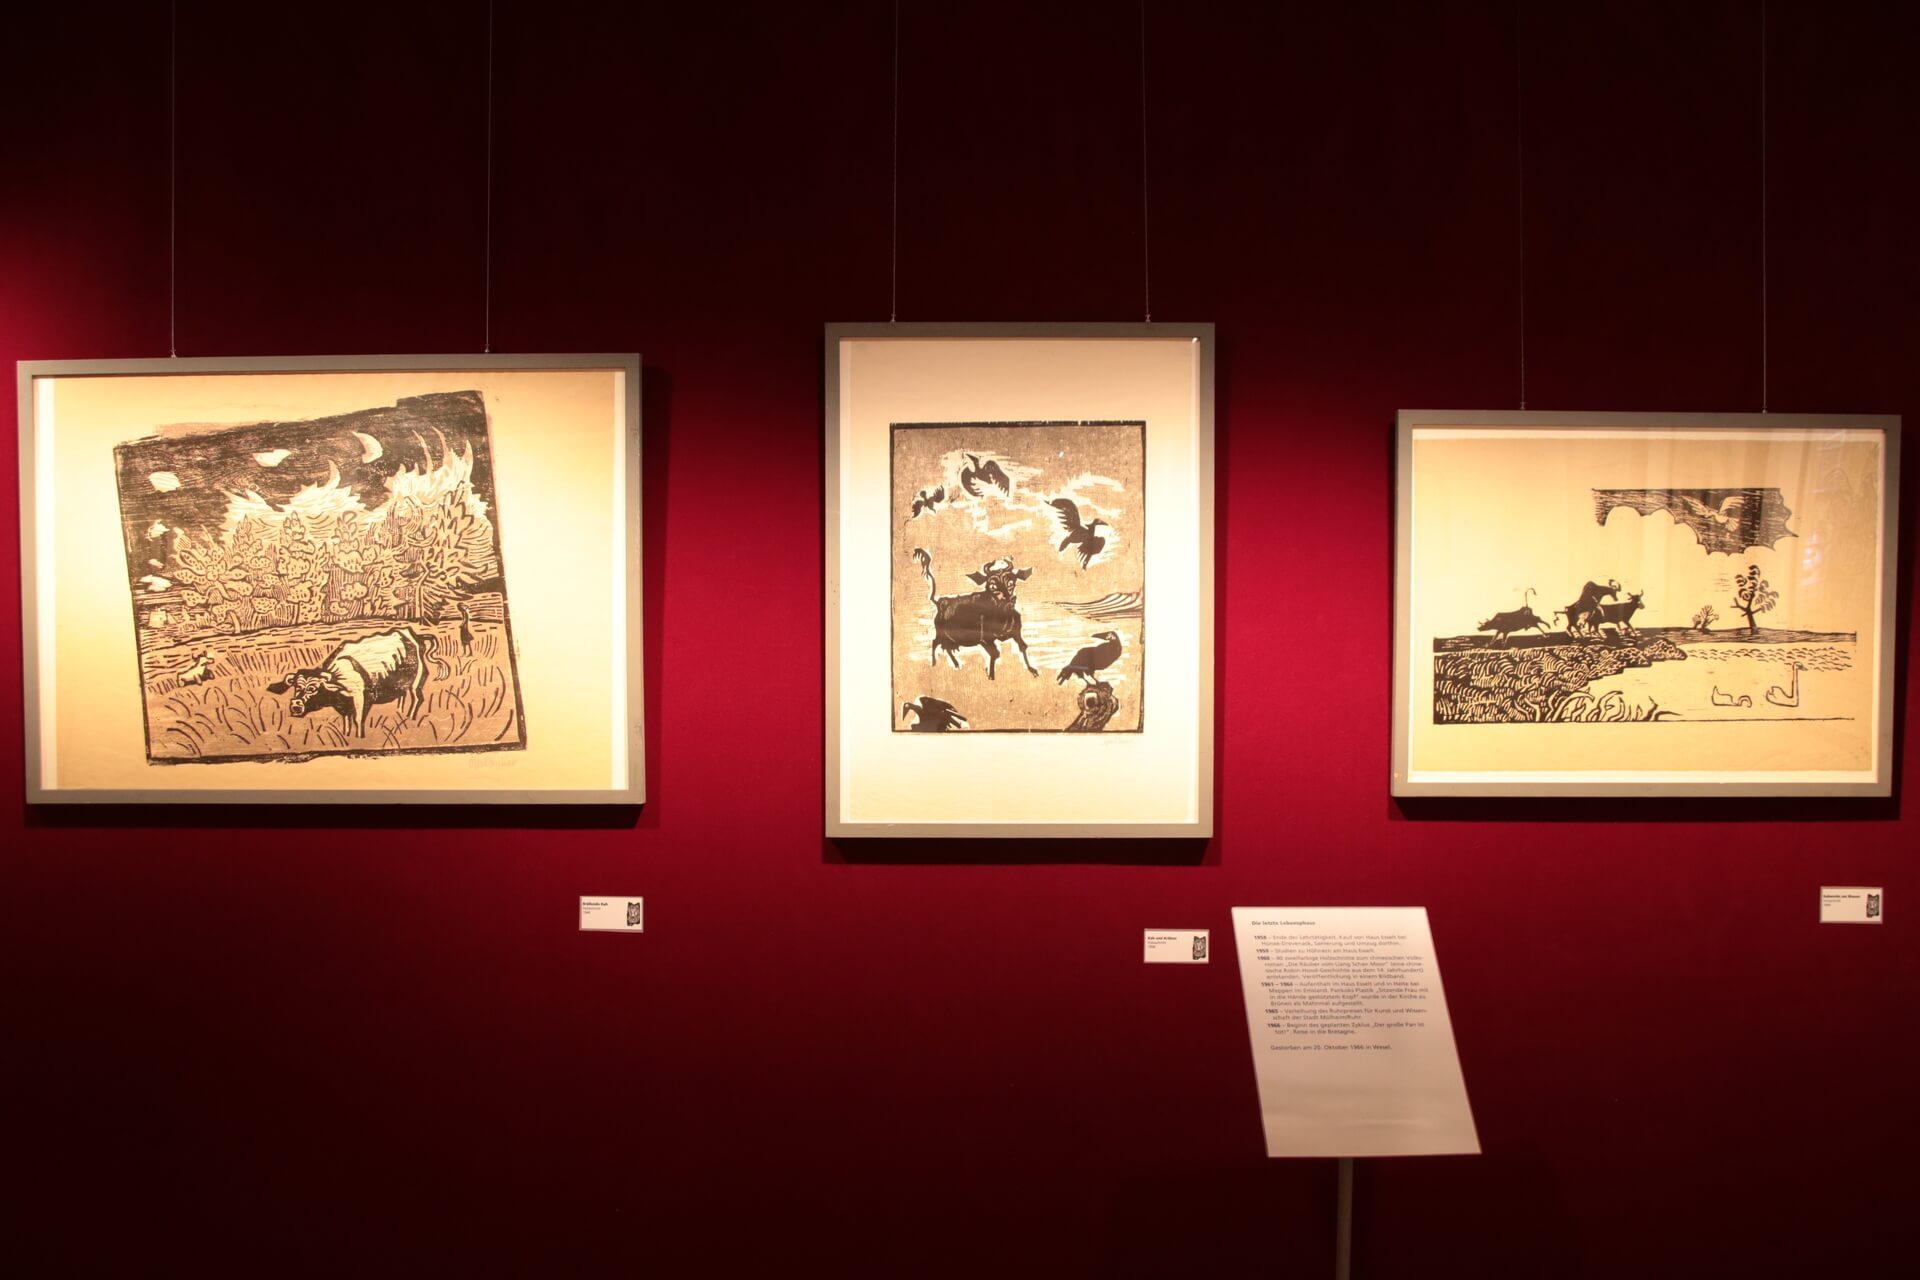 Otto Pankok Ausstellung - fotografiert von Frank Kotte - Bild 5